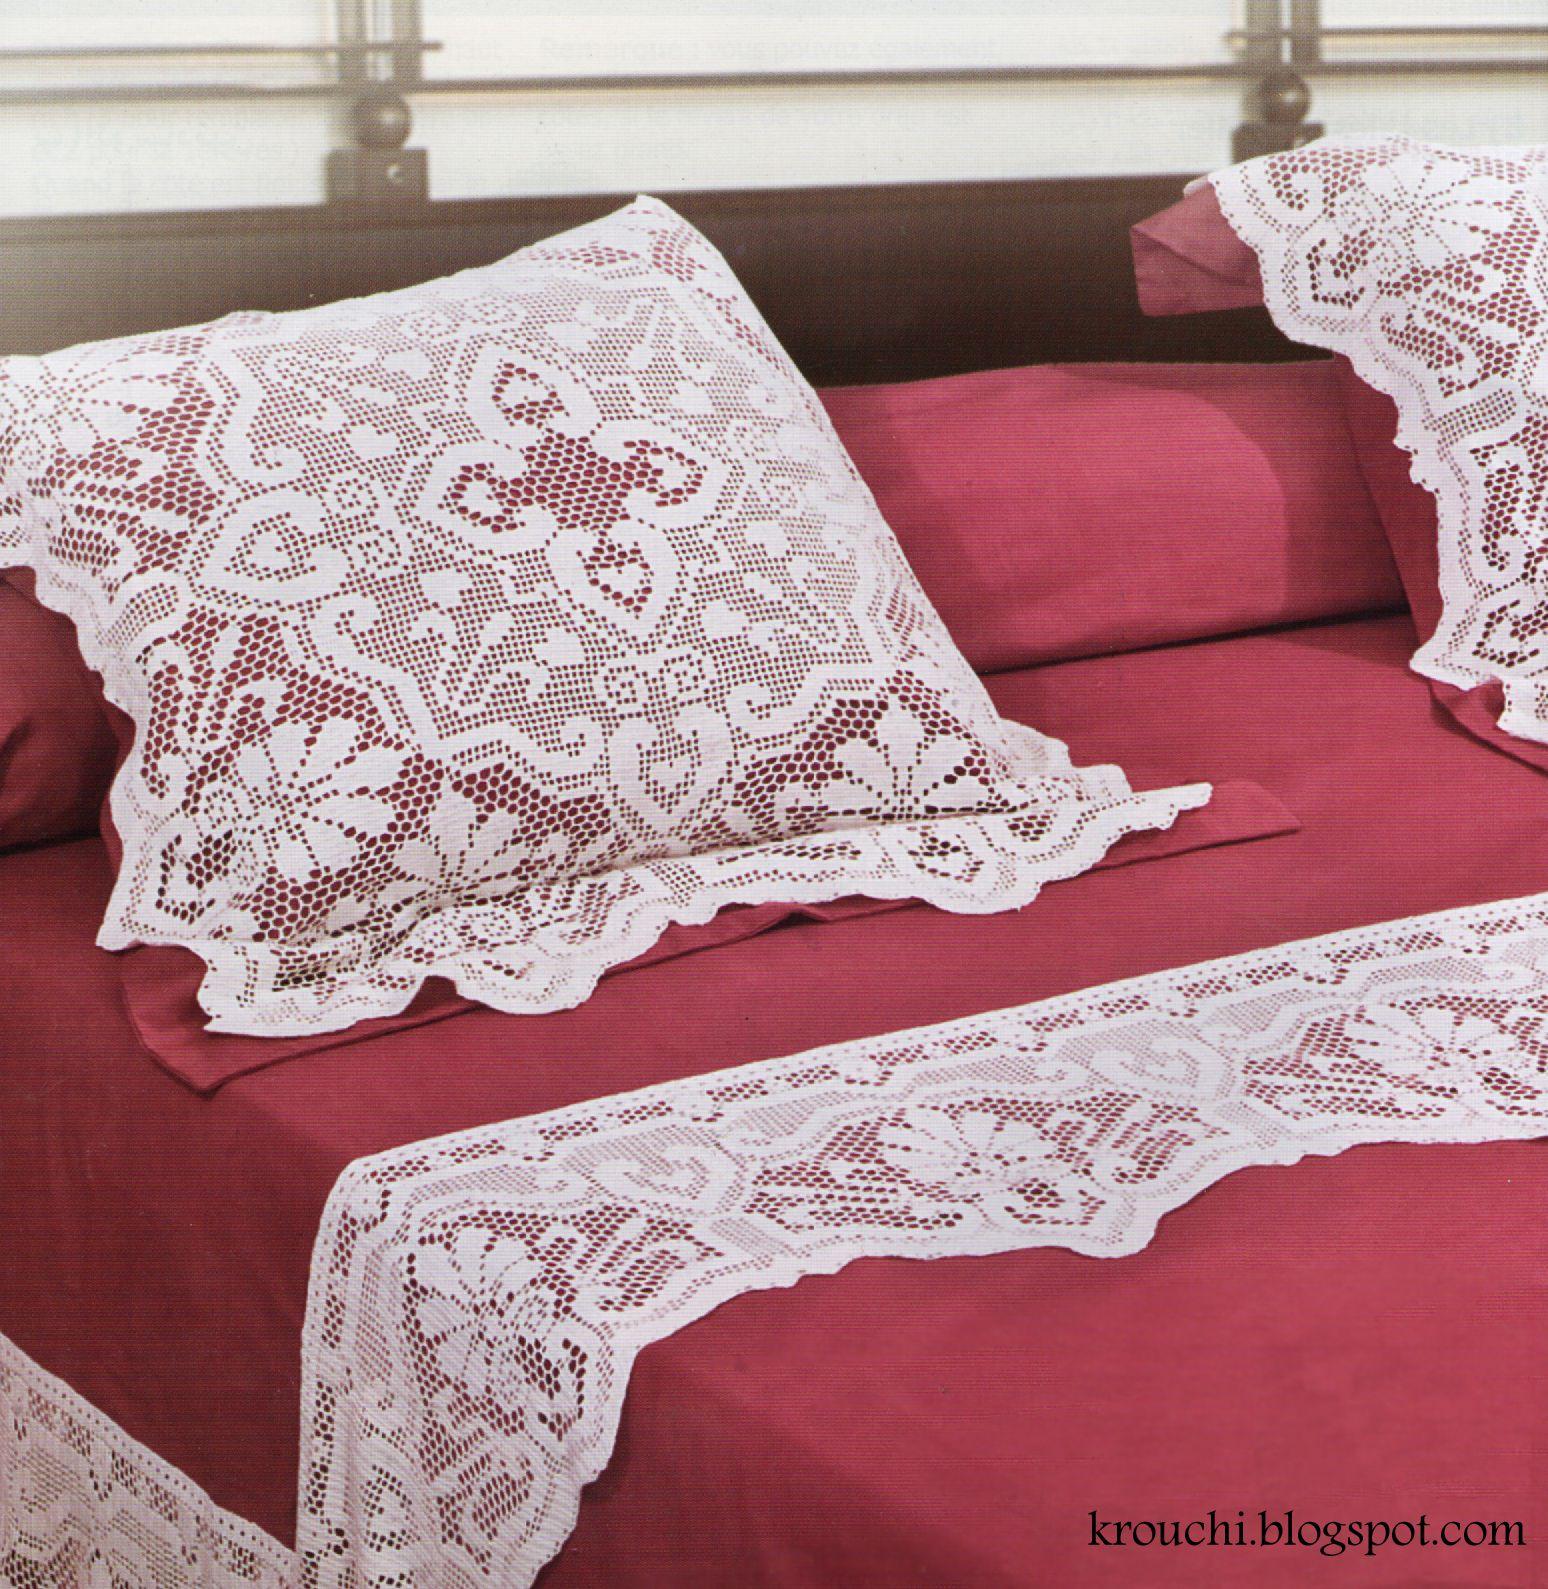 Crochet et Broderie: Parure de drap | Crochet home decor